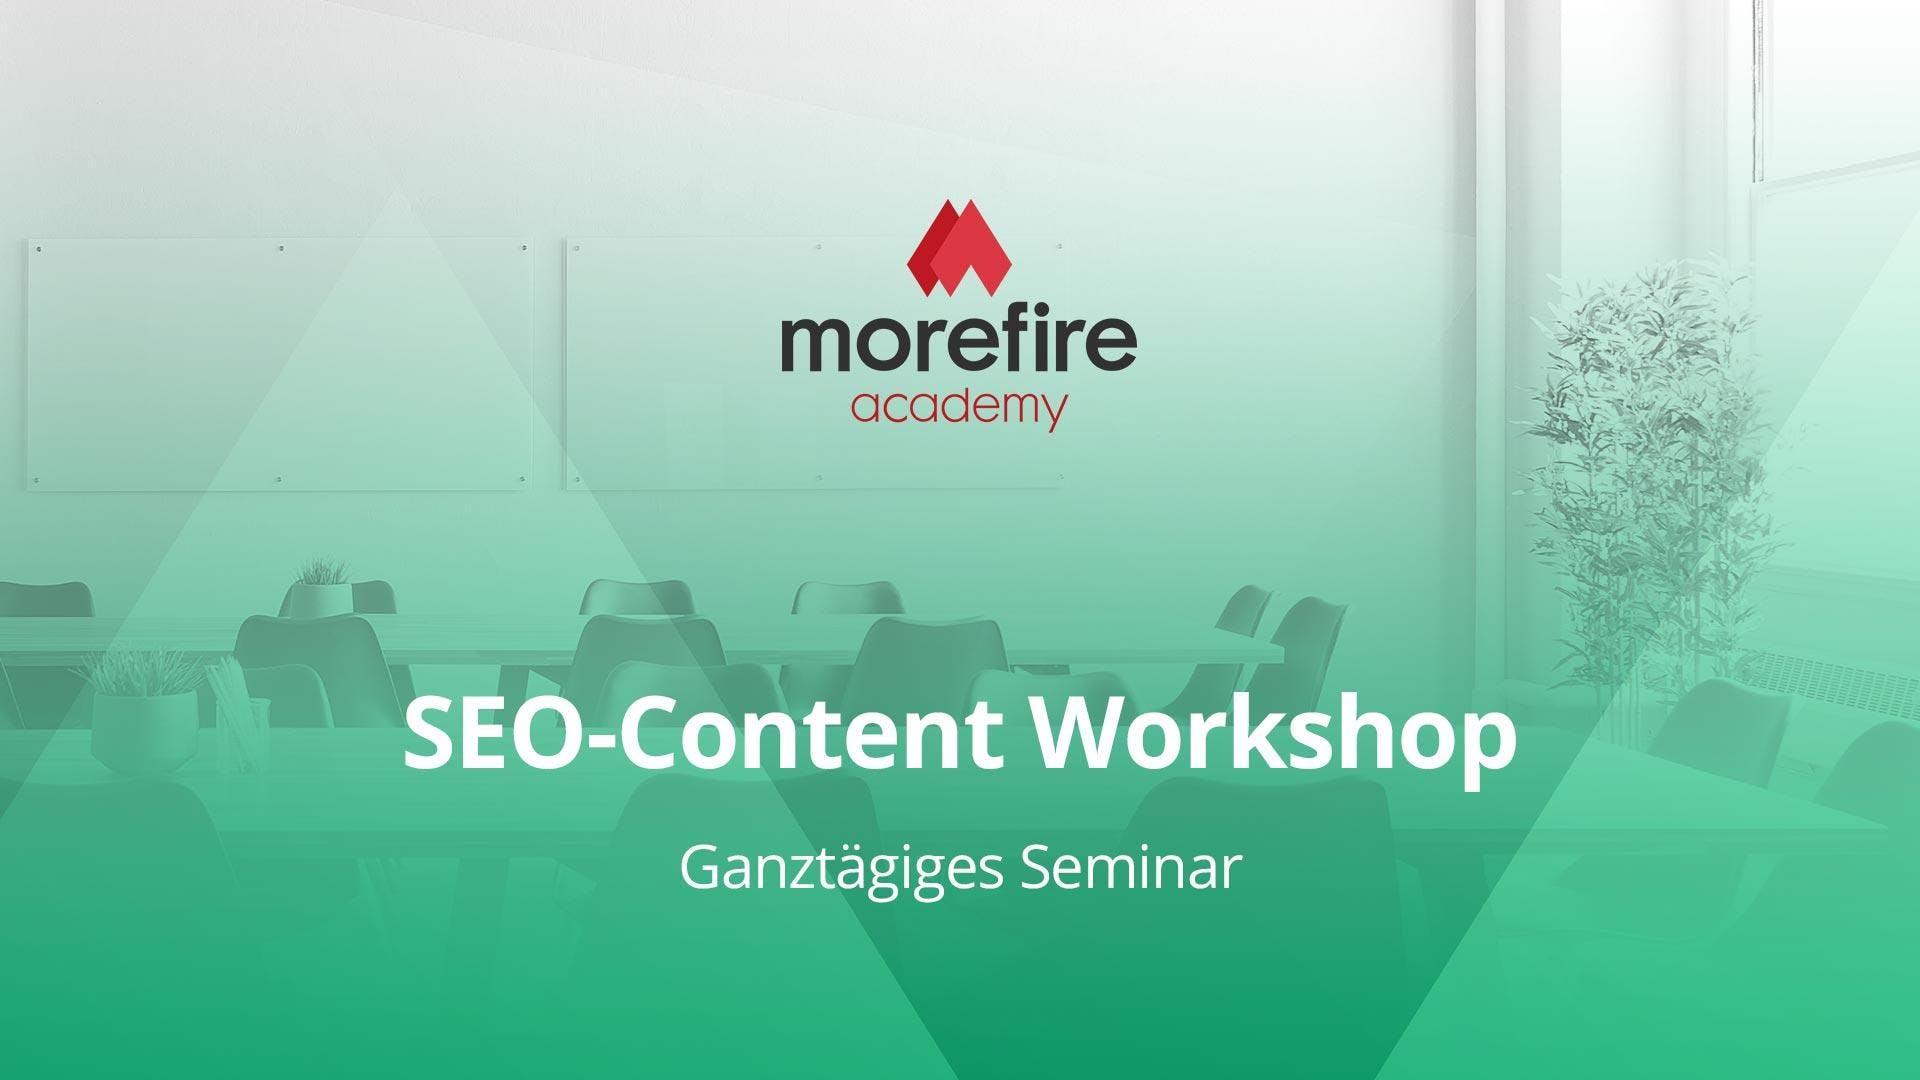 SEO-Content Workshop mit René Dhemant